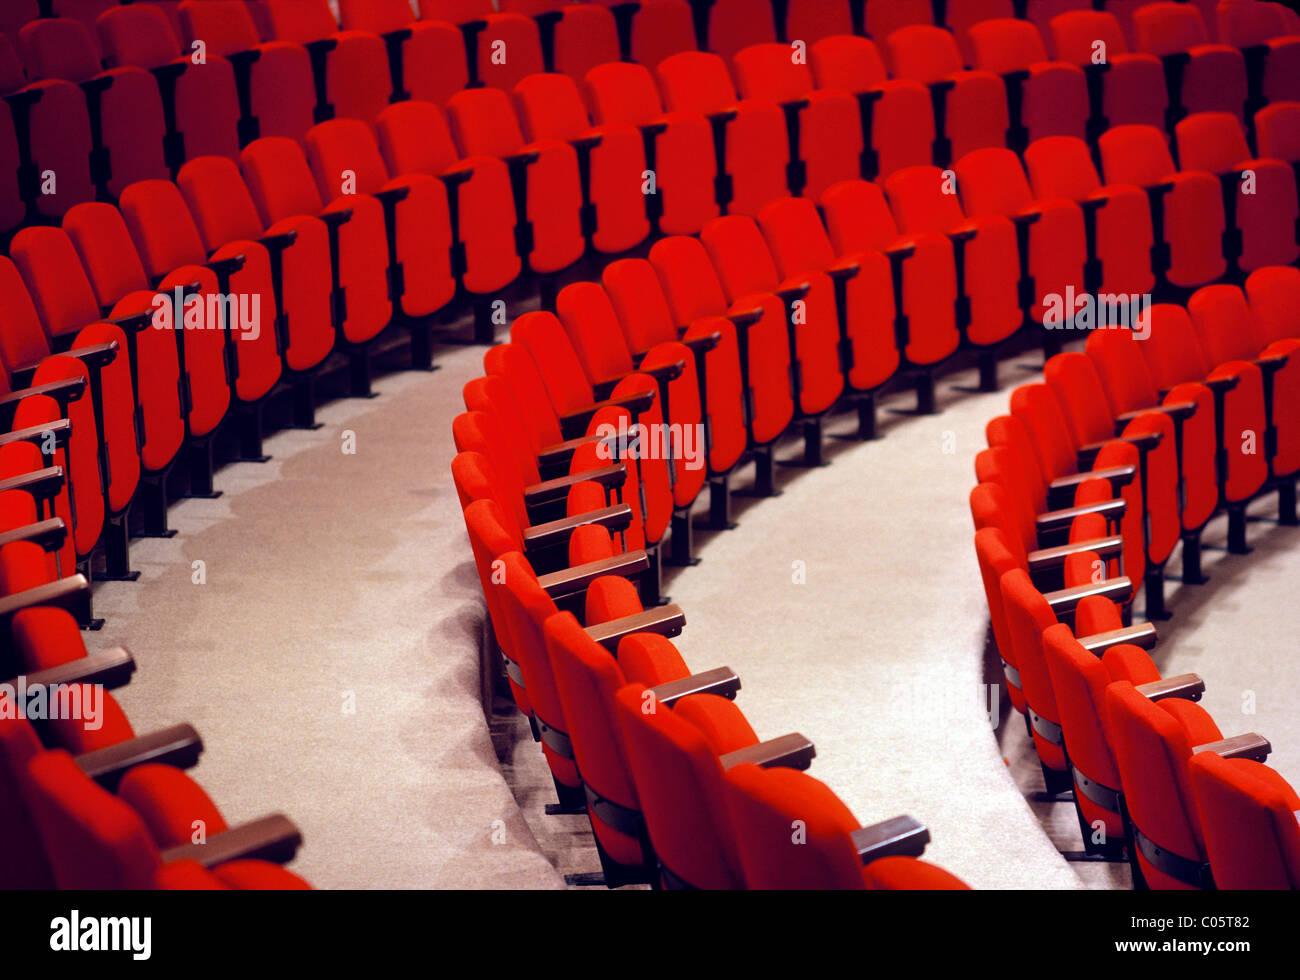 Righe curve di rosso posti in un auditorium. Immagini Stock